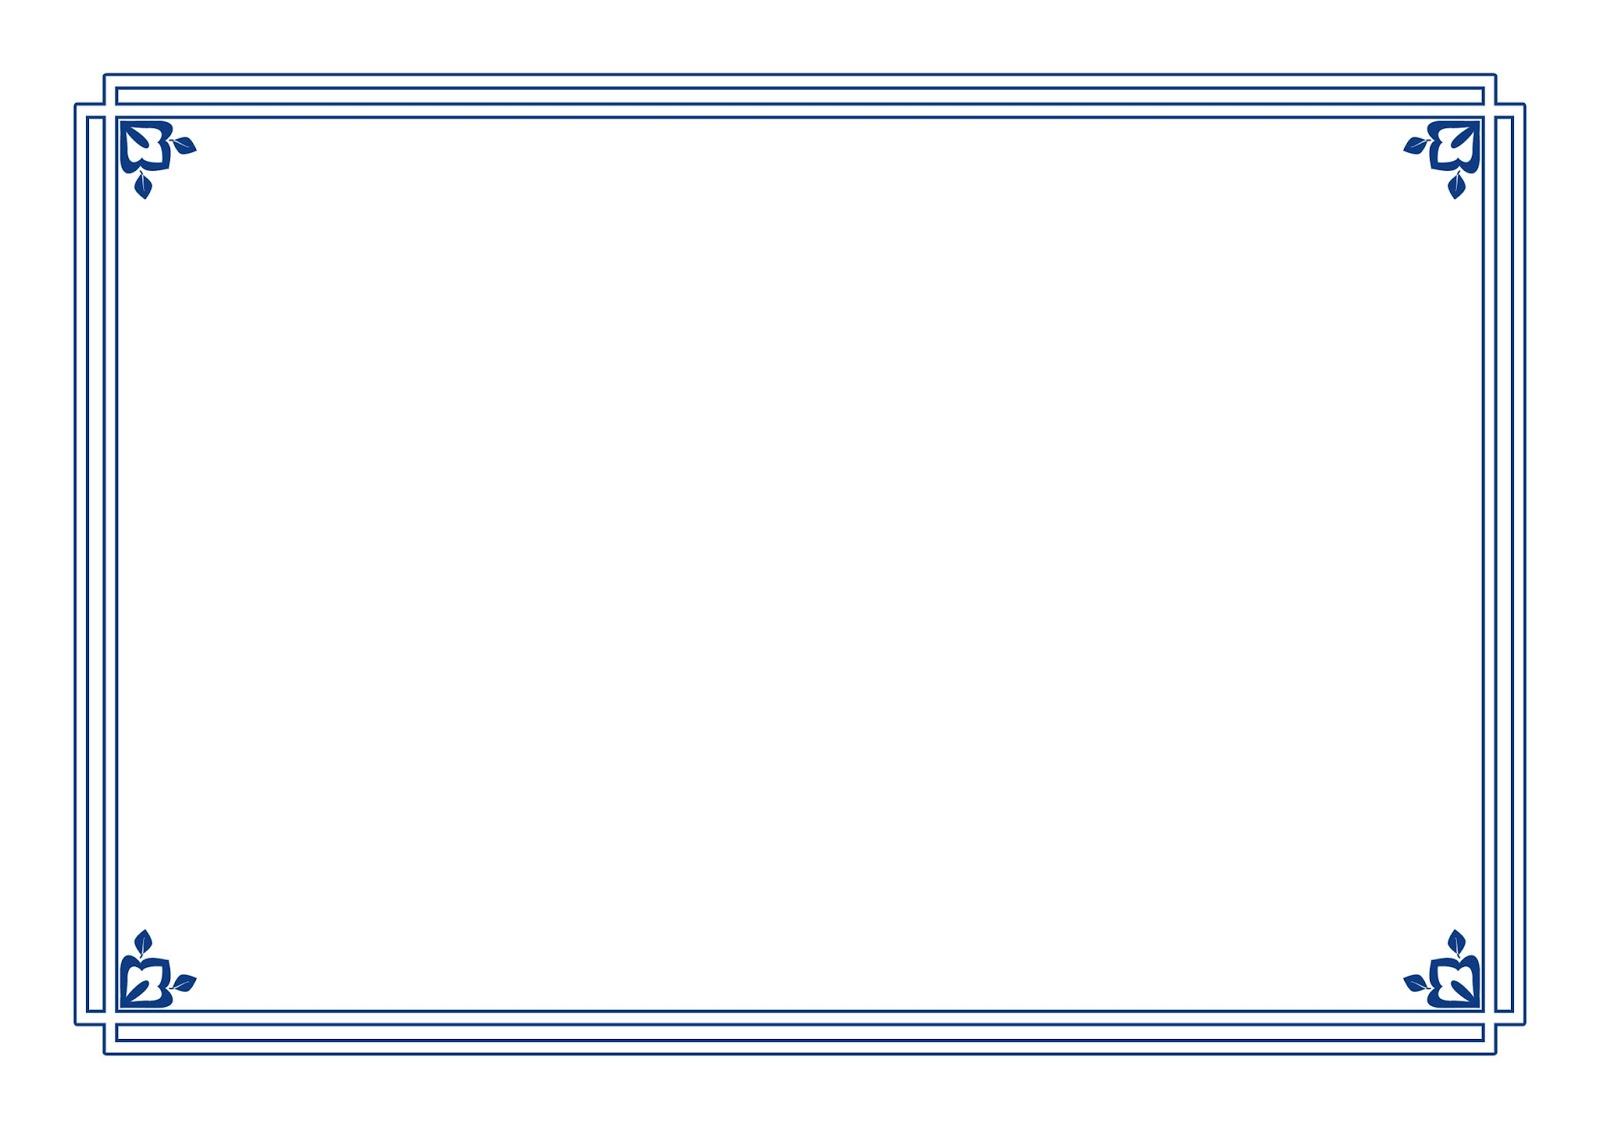 Terbaru Bingkai Piagam Penghargaan Png, Terupdate!